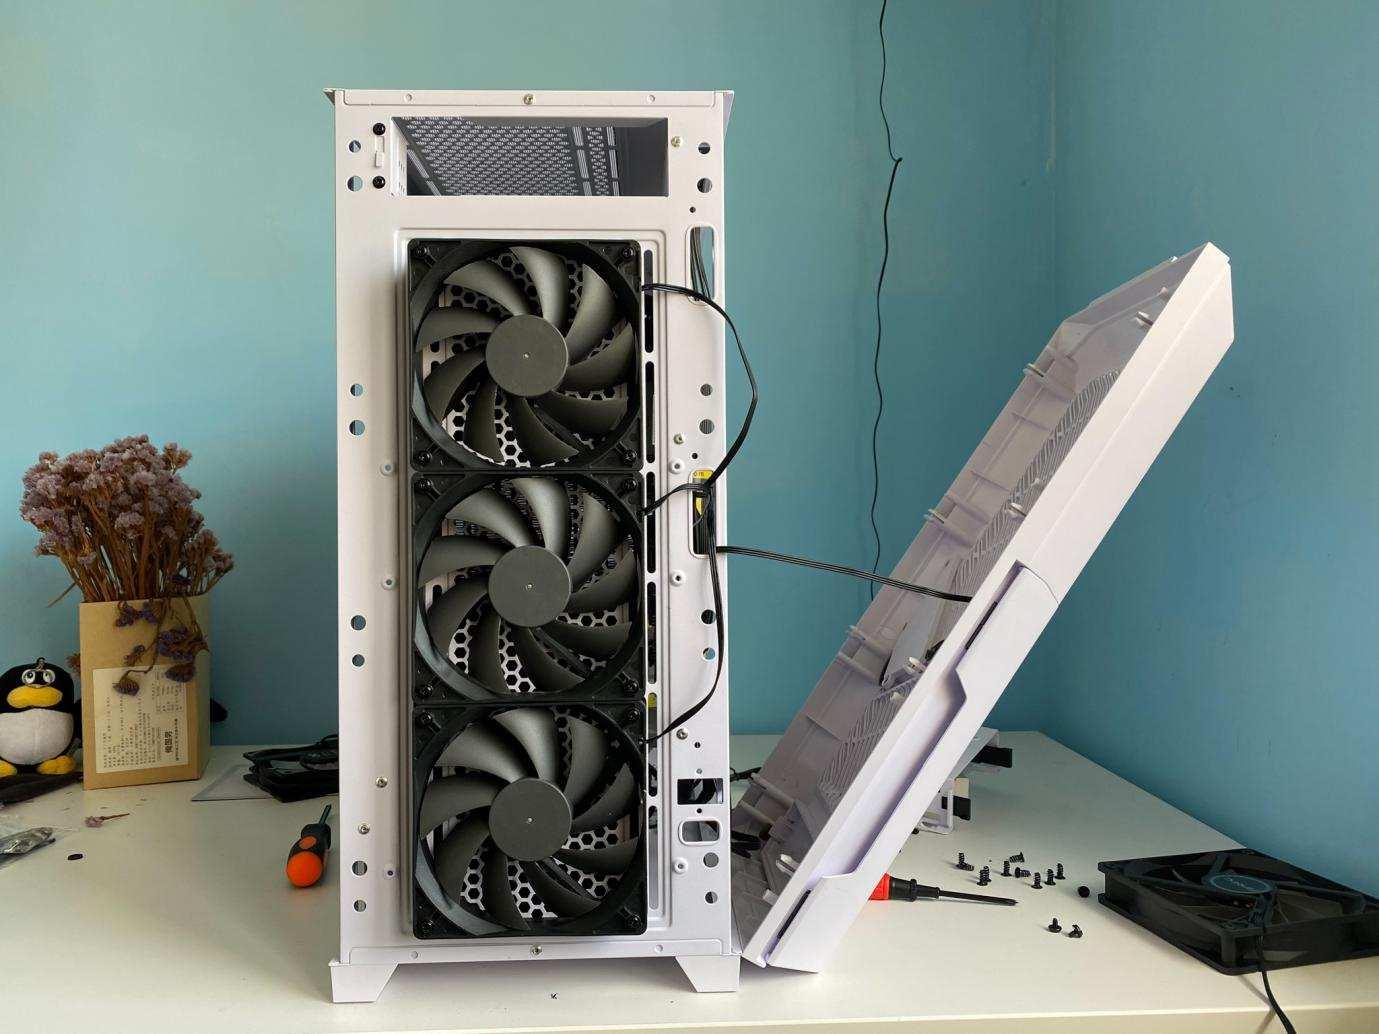 电脑甉|��一定要全模�l�吗�Q�看看性�h比电源实���,日系电容十年质保